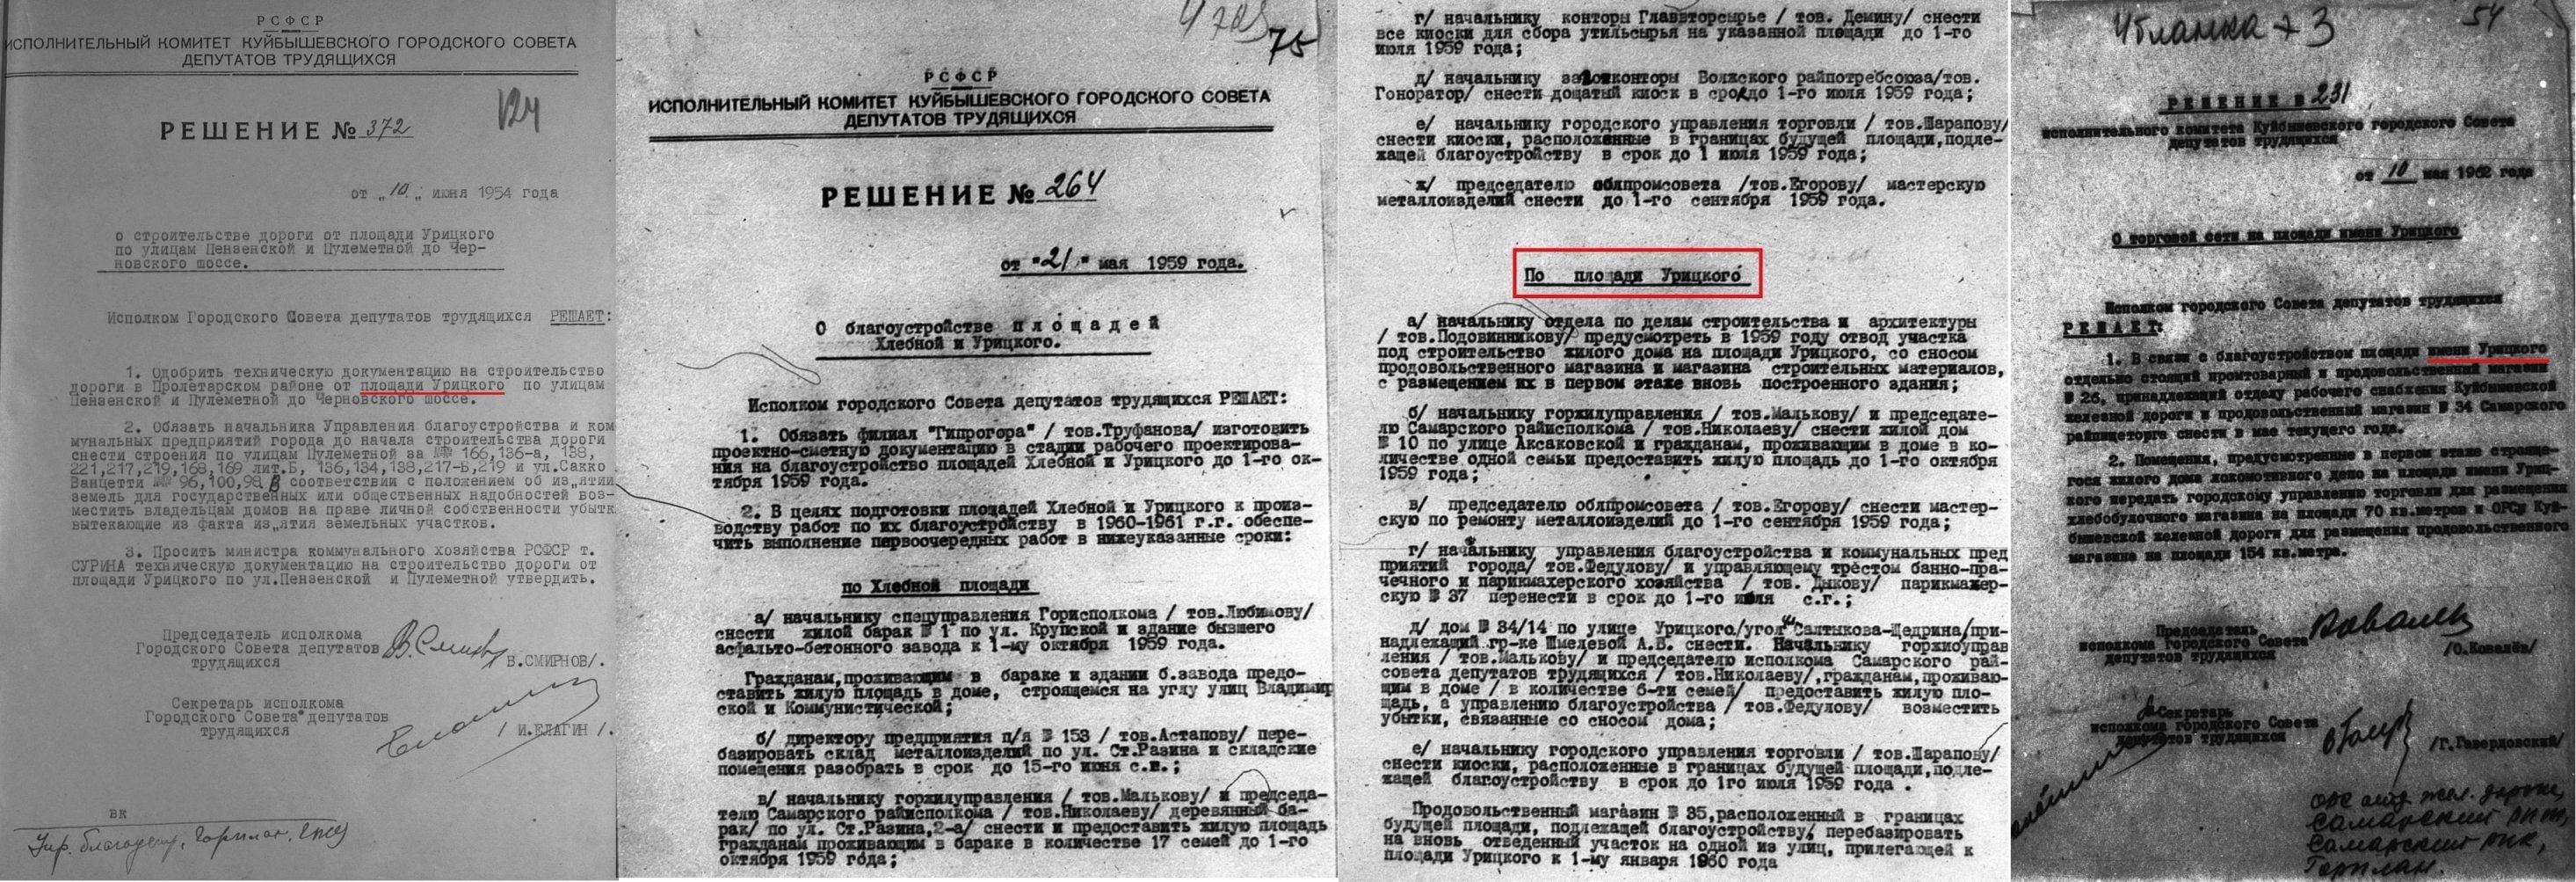 Архивные документы об улице Урицкого